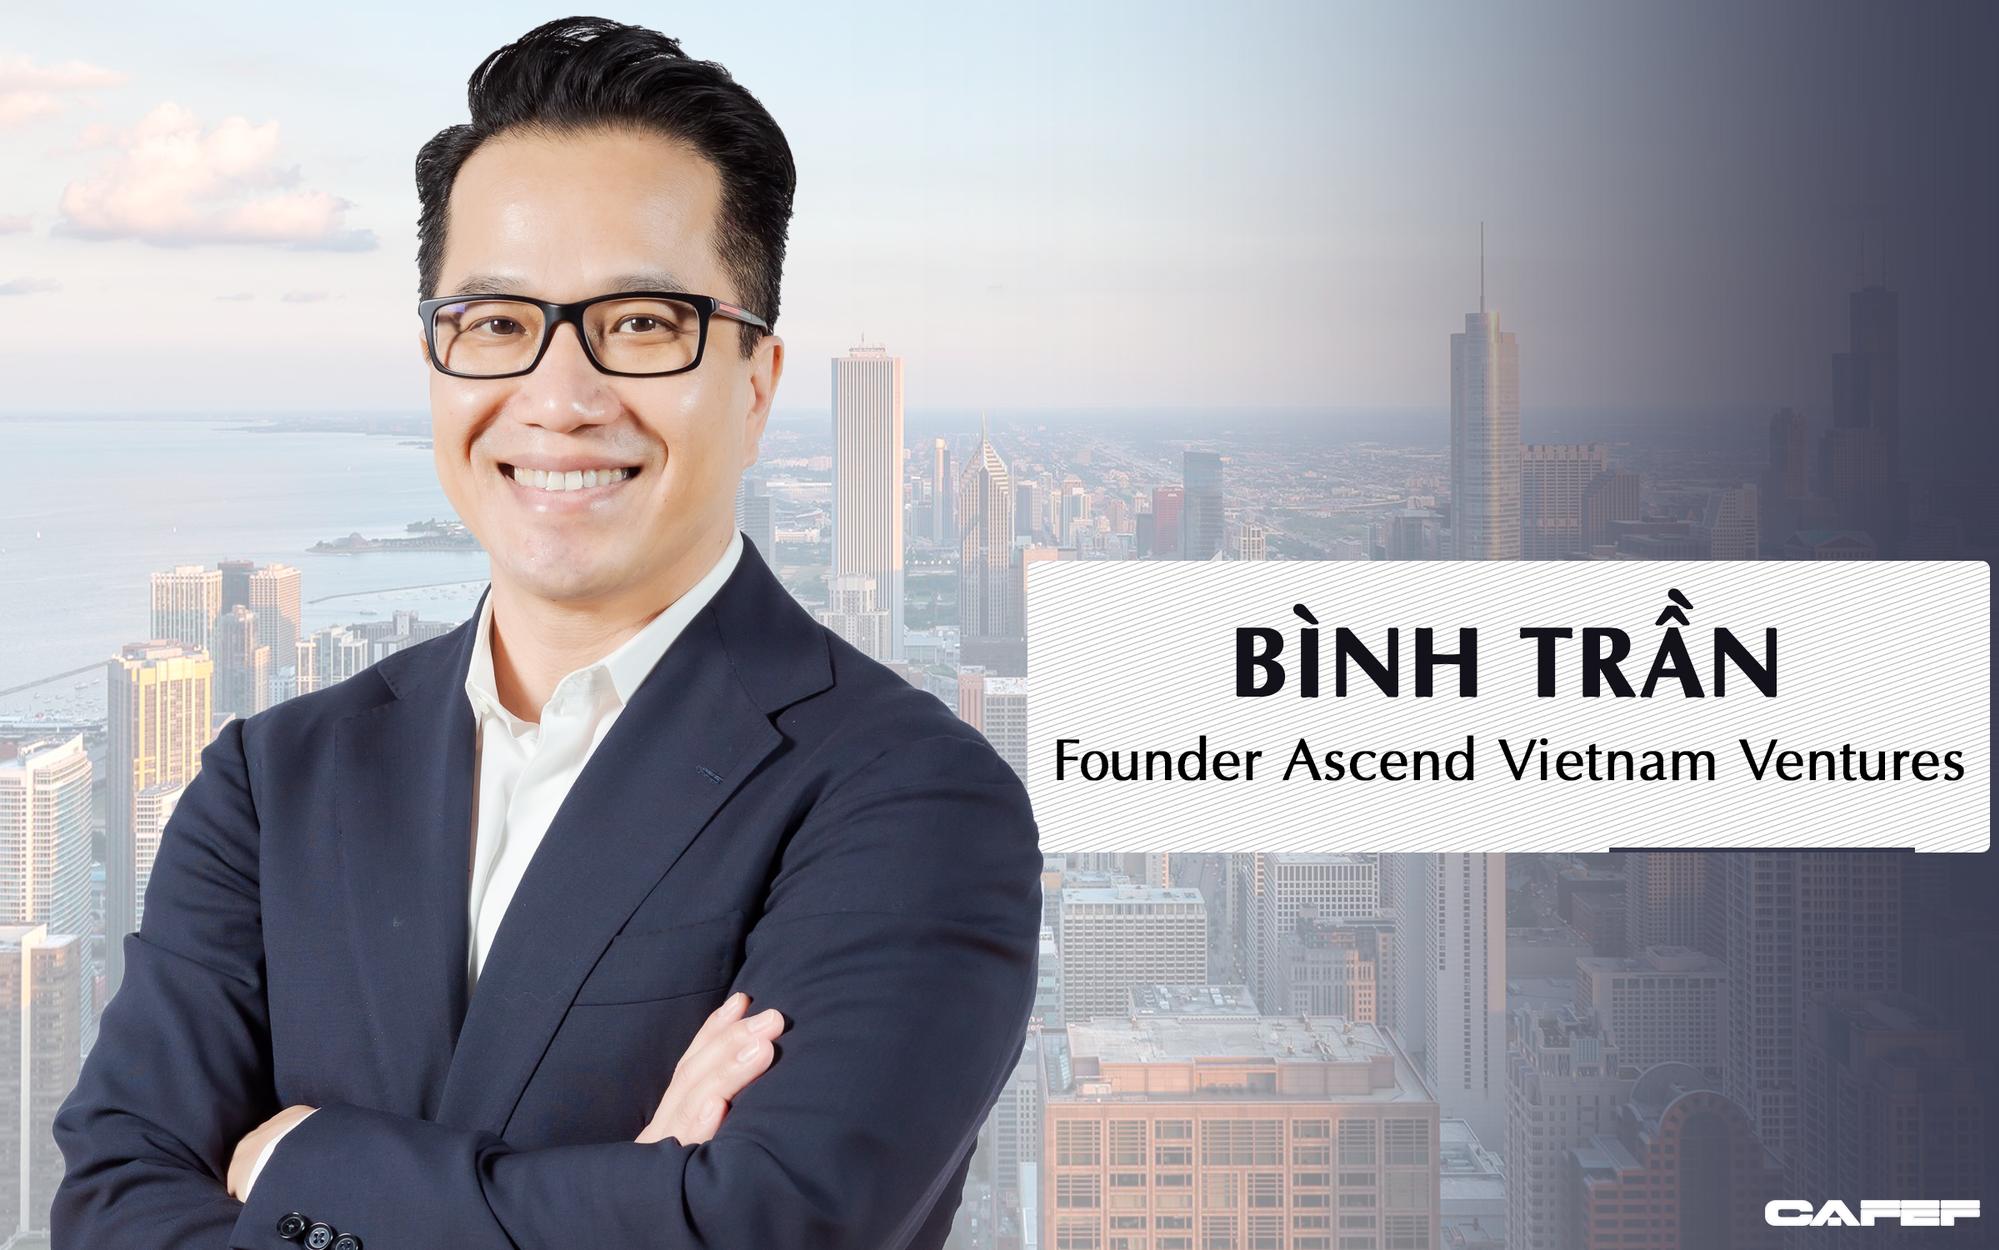 Founder quỹ VC đầu tư vào công nghệ giải mã vì sao Việt Nam xuất hiện nhiều tỷ phú bất động sản